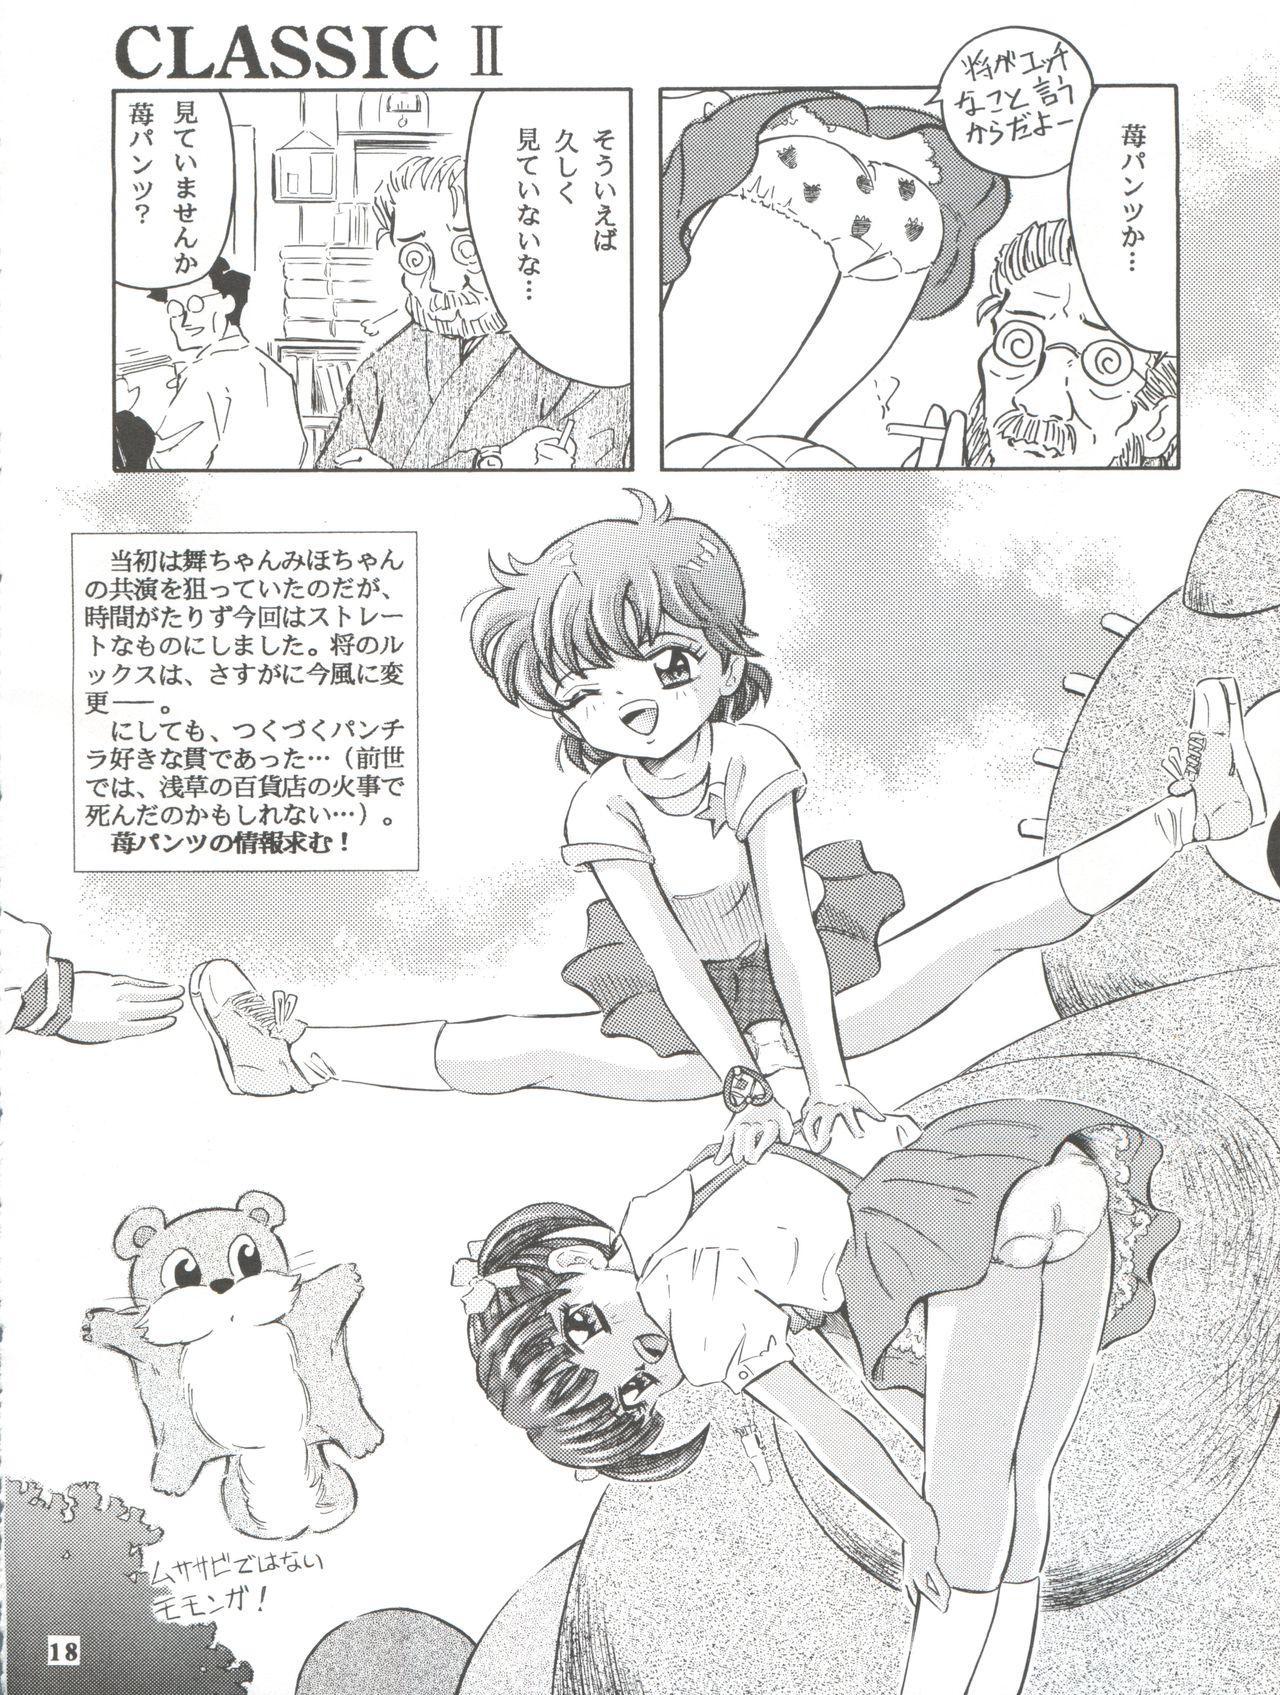 Mahou Kyuushiki II - Magical Classic II 17